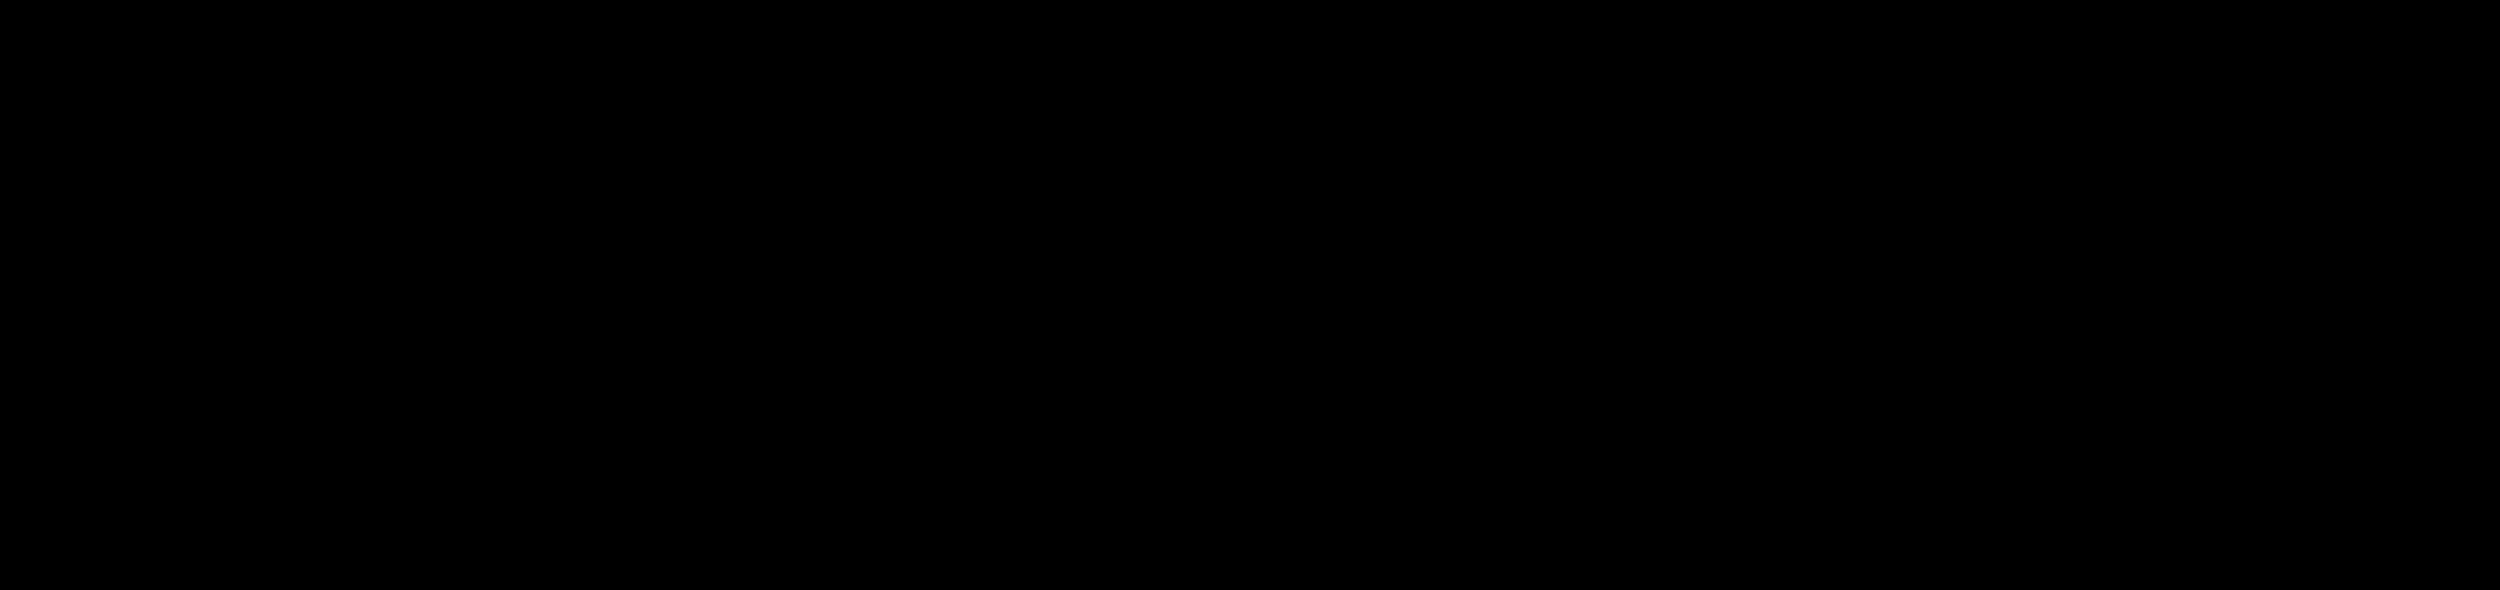 777_Logo.png